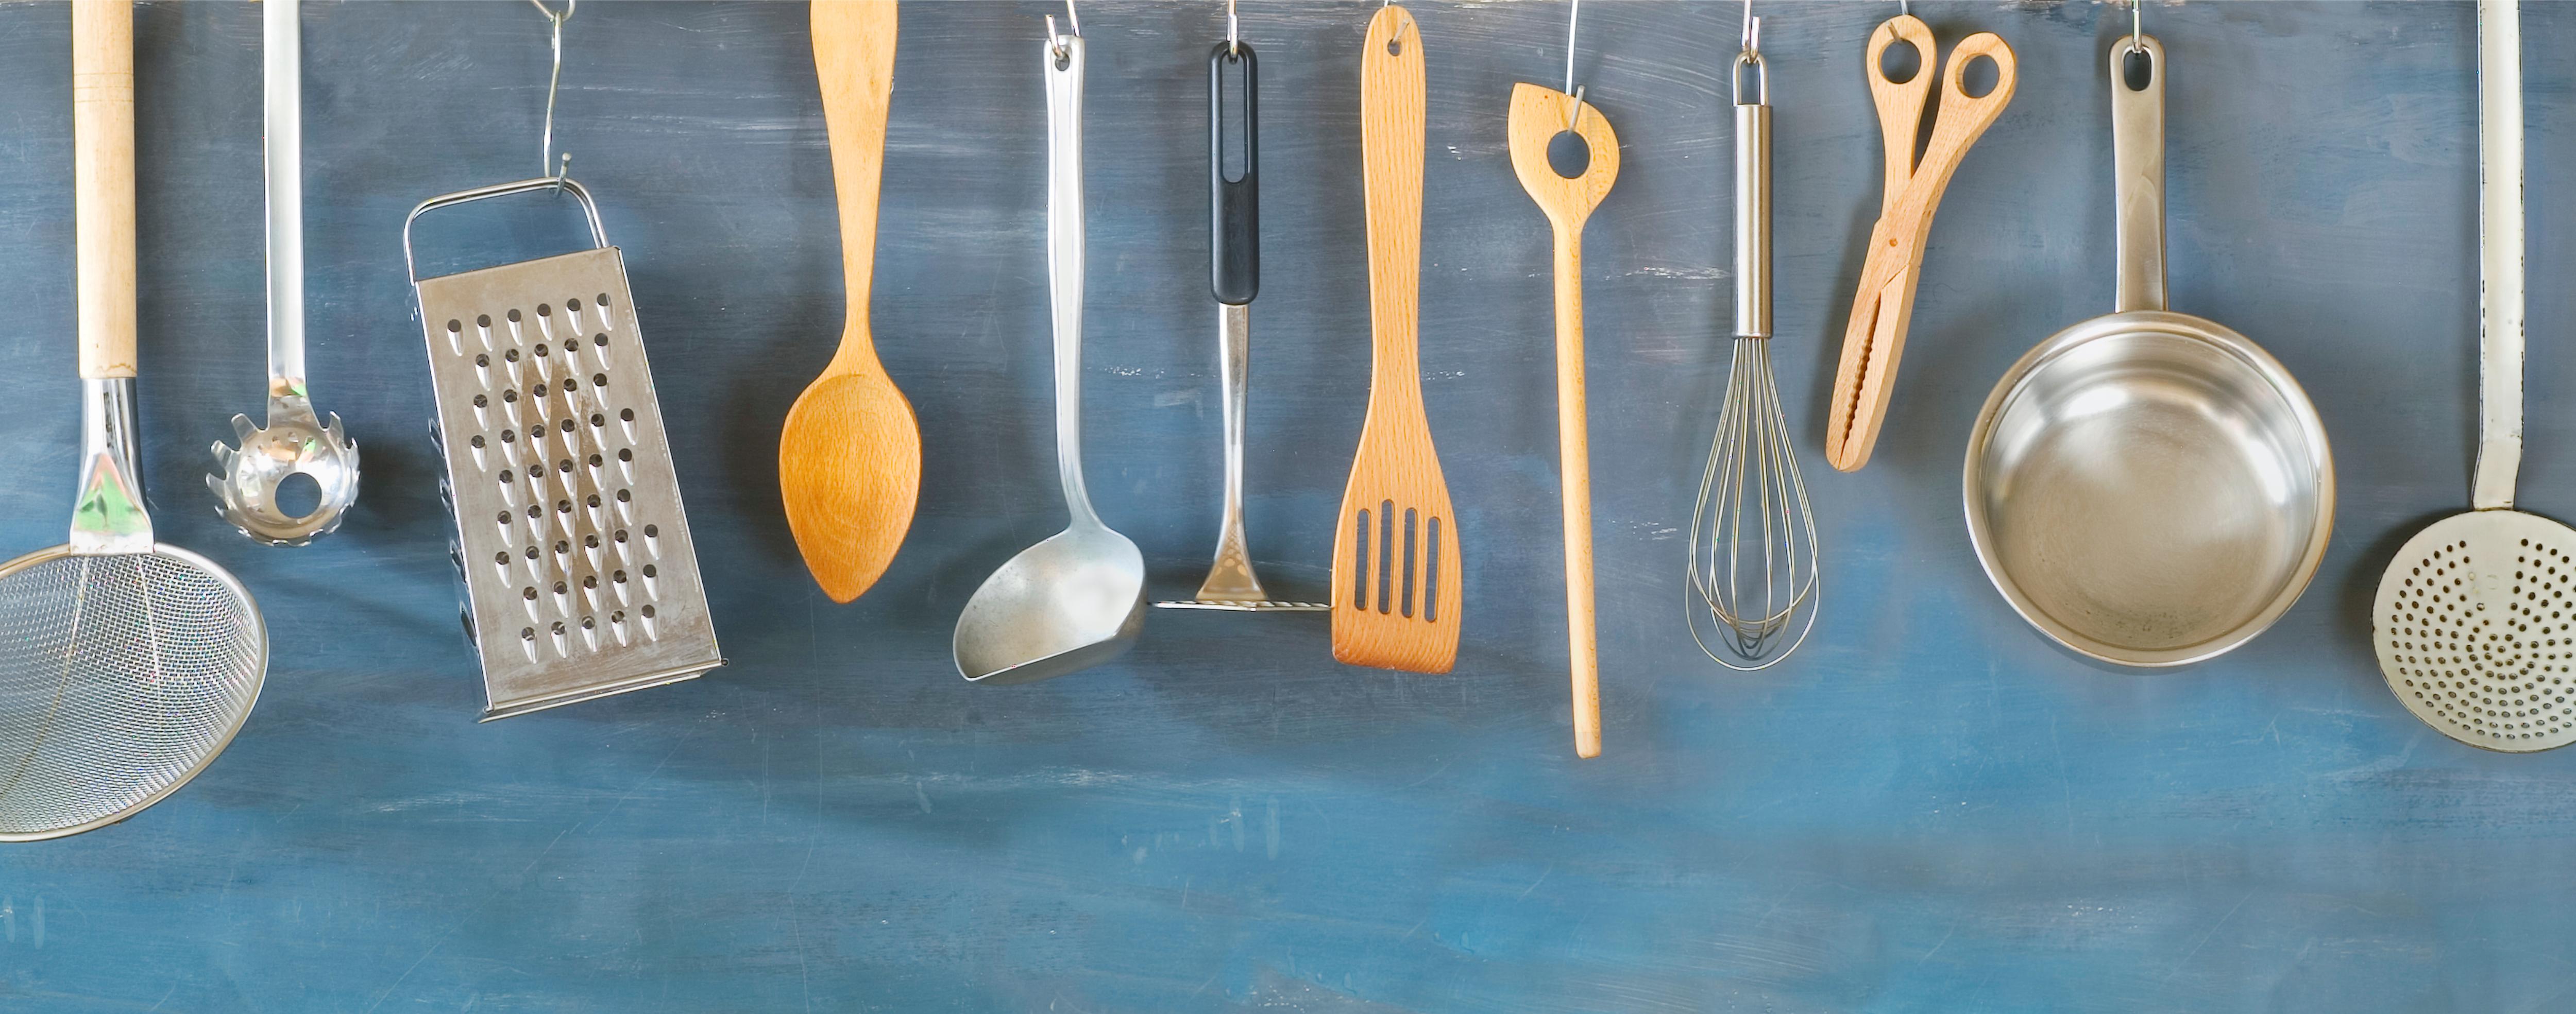 utensili da cucina materiali